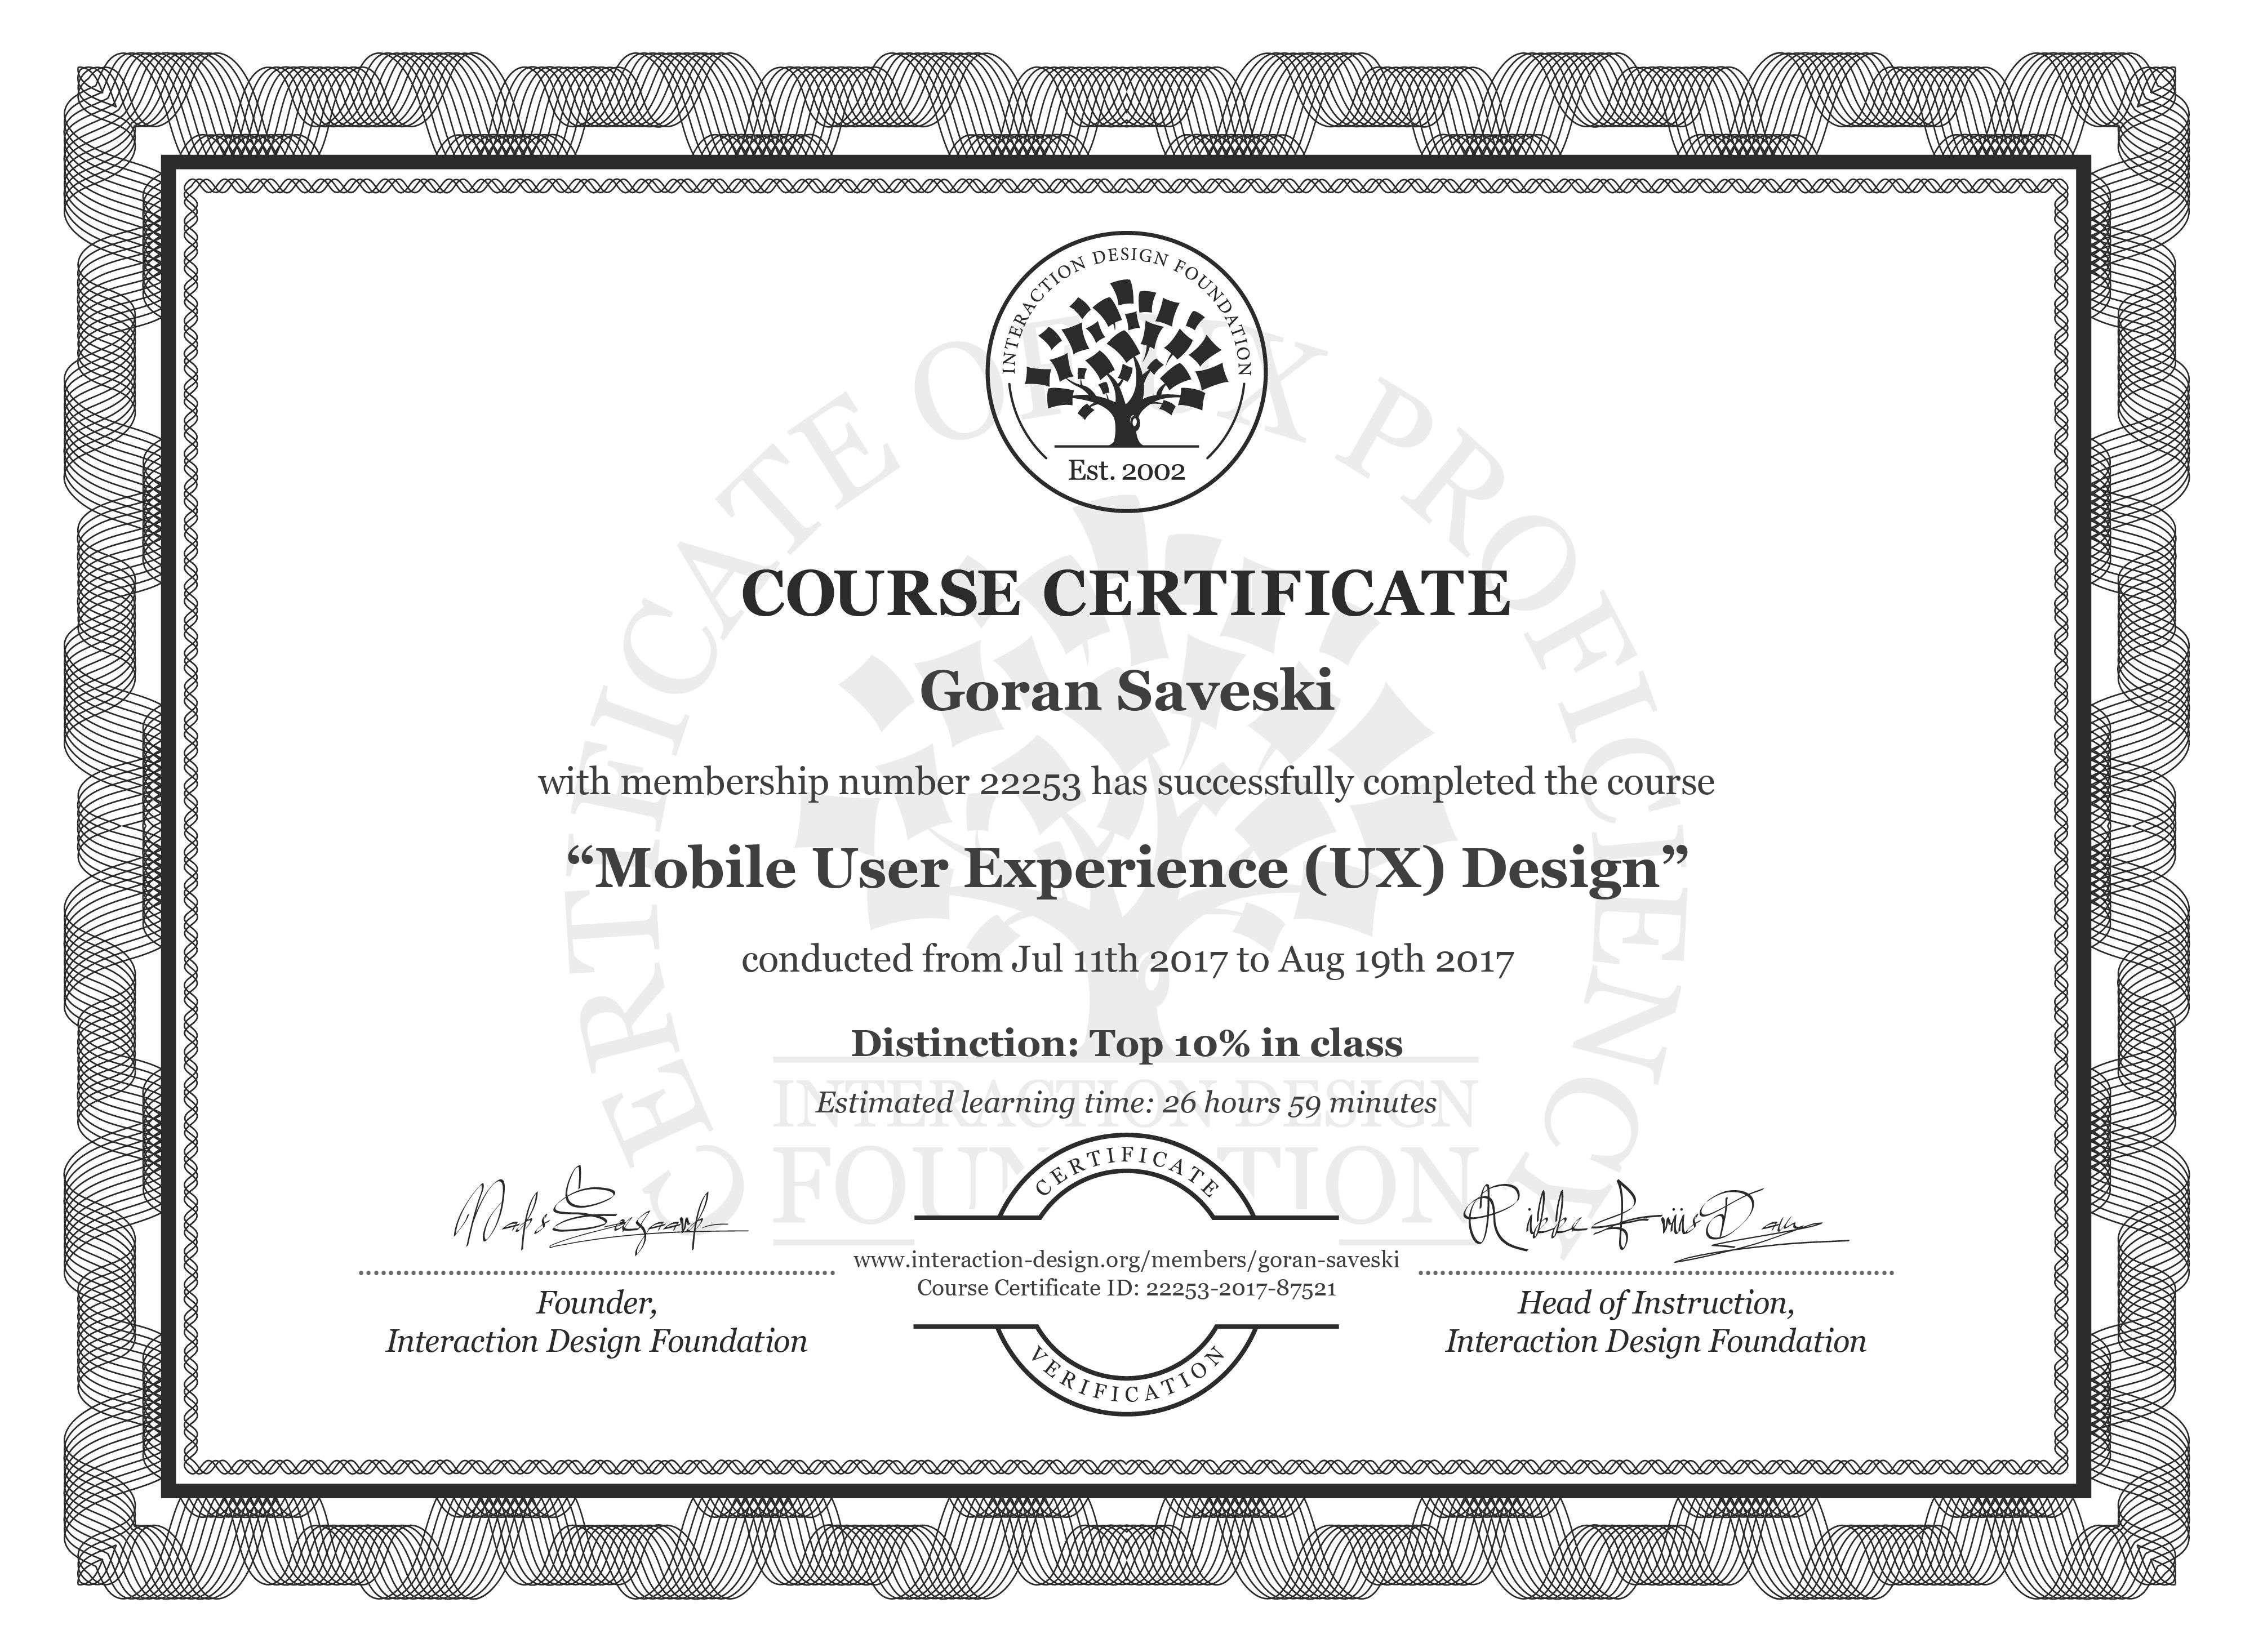 Goran Saveski: Course Certificate - Mobile User Experience (UX) Design